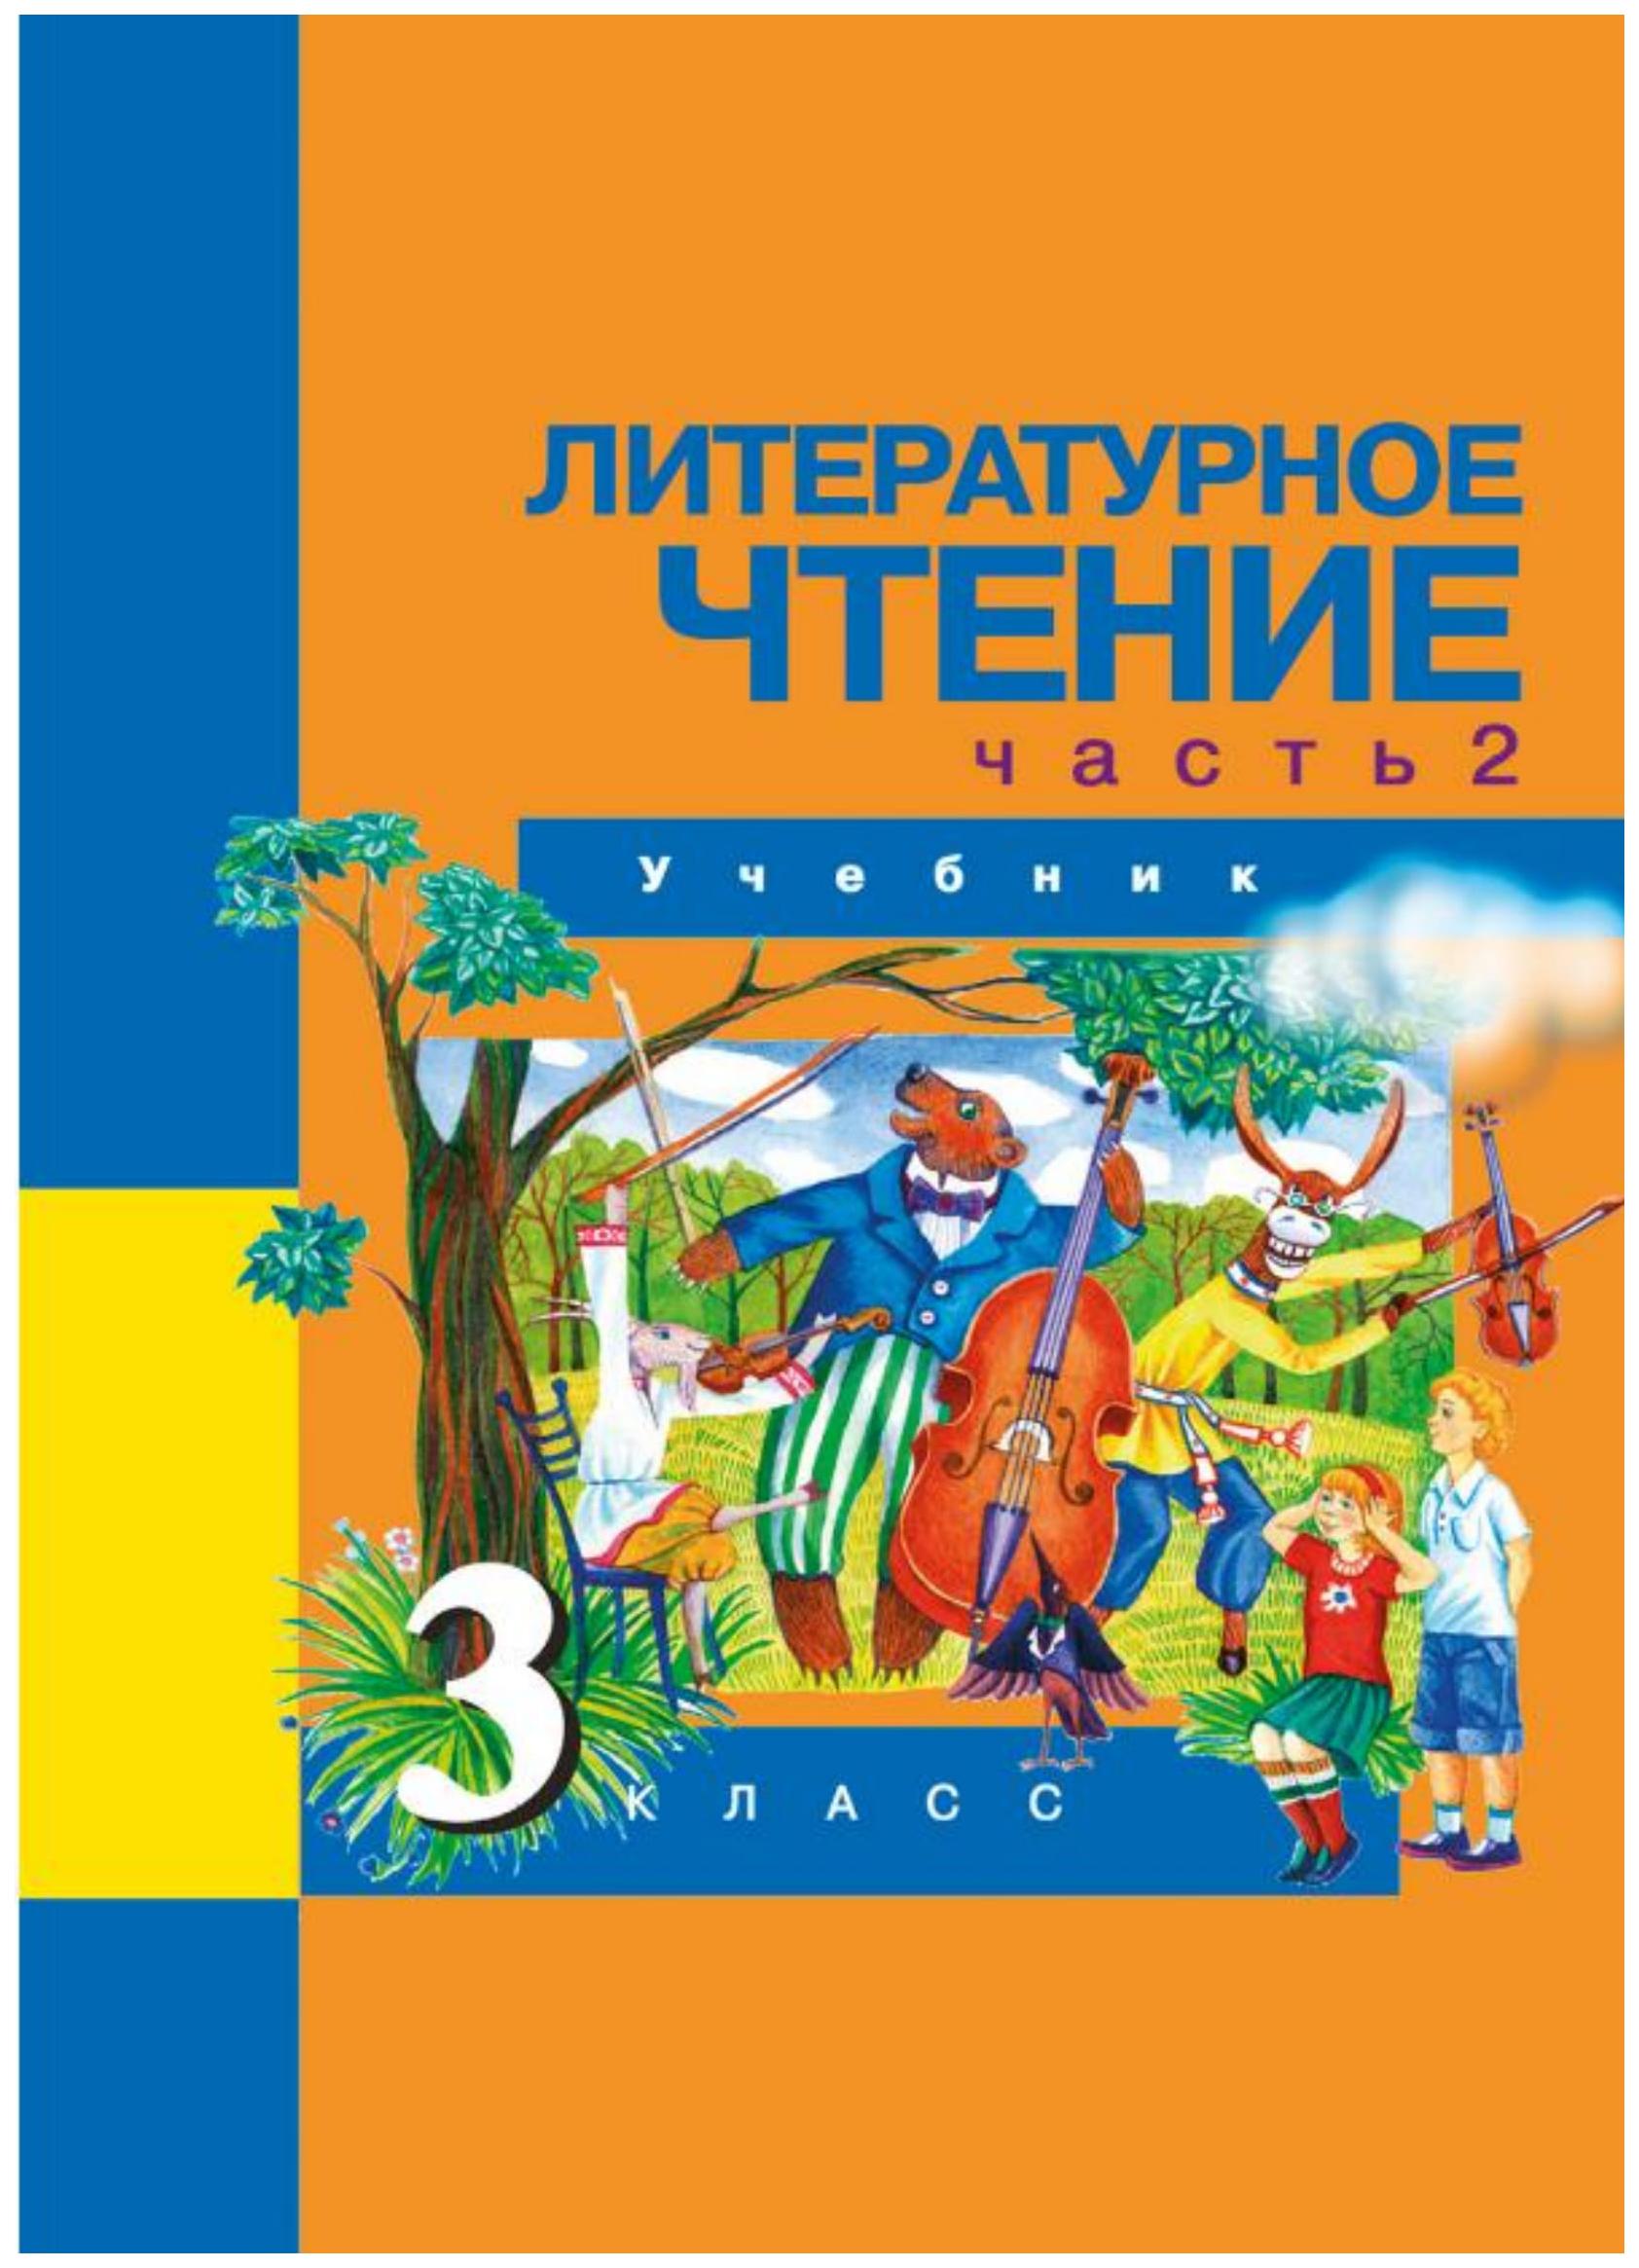 Чуракова, литературное Чтение 3 кл, В 2-Х Ч.Ч.2 (2-Ое полугодие) Учебник (Фгос) фото